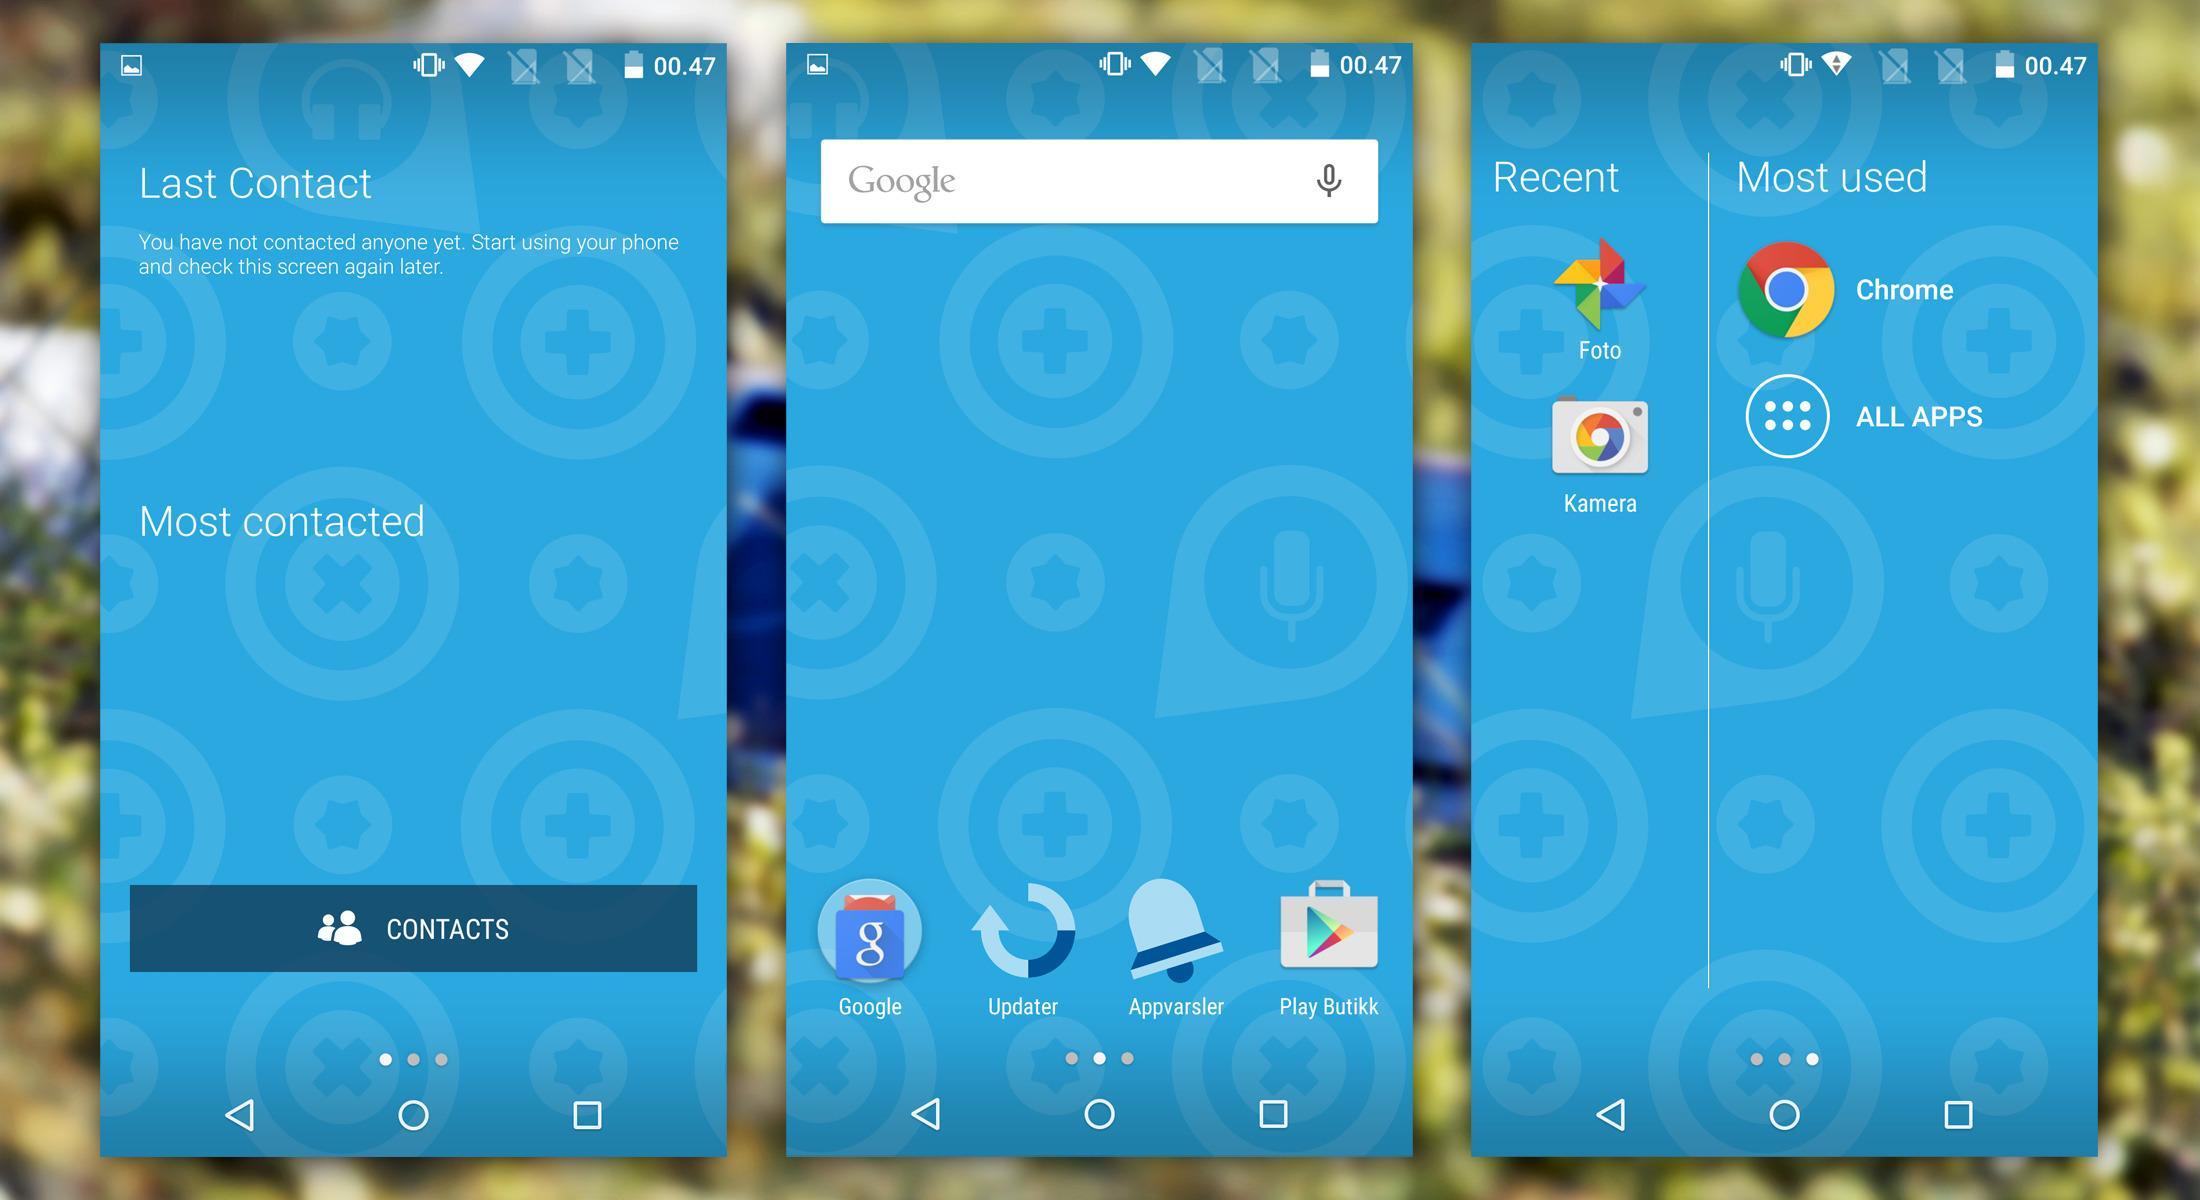 Slik ser de tre startskjermene på Fairphone 2 ut. Til venstre finner du sist brukte kontakter, i midten en vanlig hjemskjerm og til høyre de sist brukte appene og appmenyen. Utenom disse små finessene er det helt ren Android som kjører på telefonen.